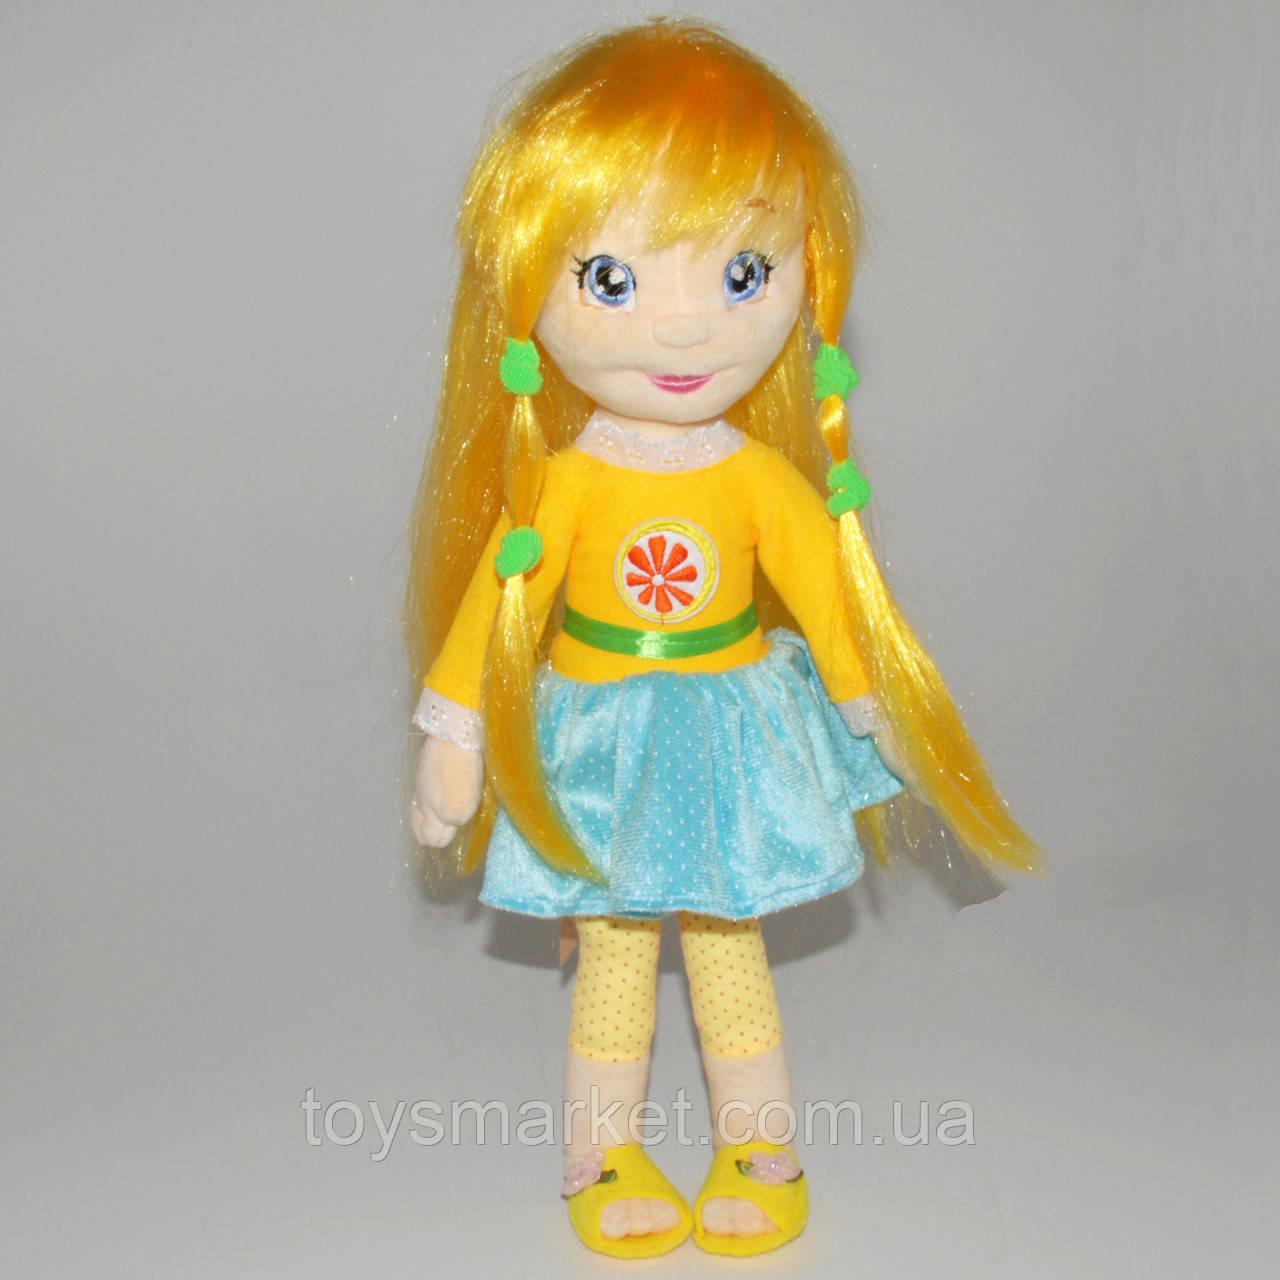 Дитяча іграшка лялька Ельза